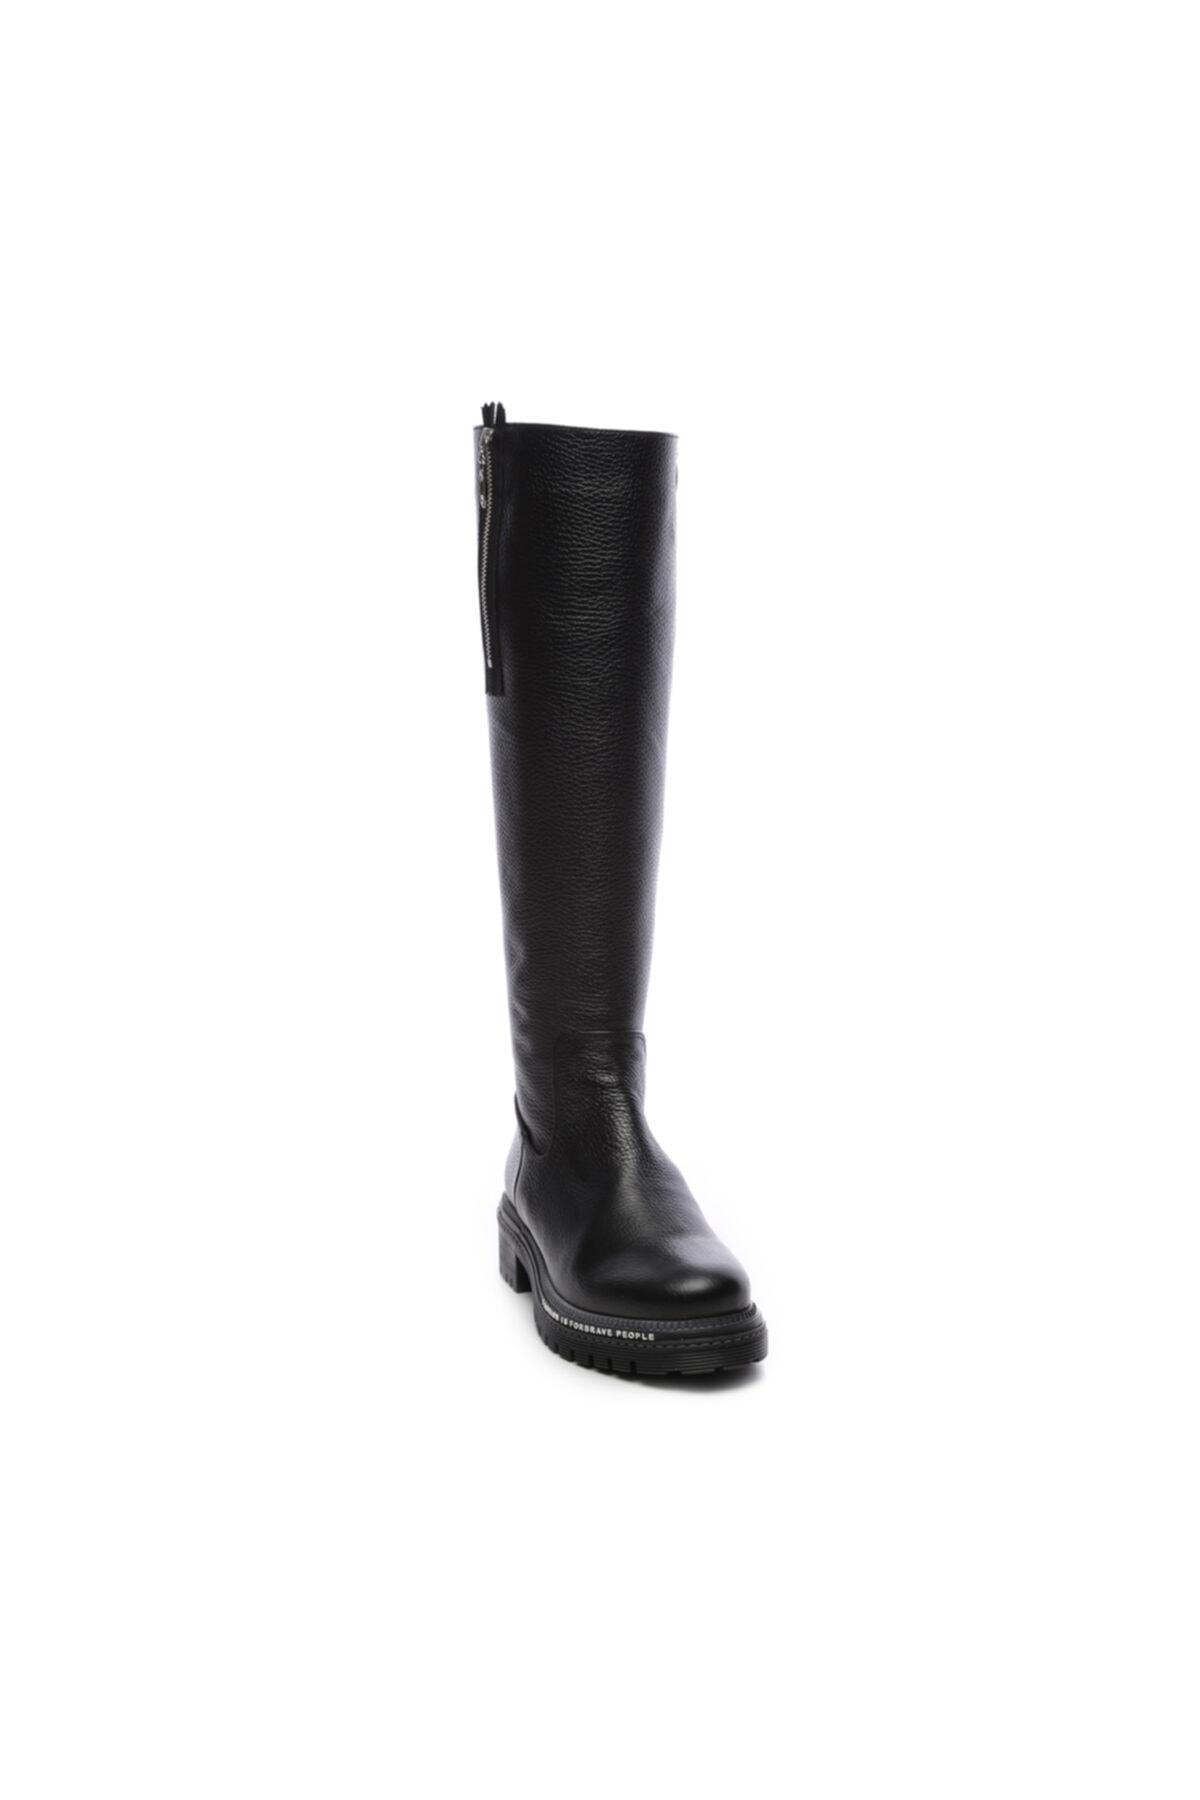 KEMAL TANCA Hakiki Deri Siyah Kadın Çizme Çizme 744 20652 C BN AYK SK19-20 2